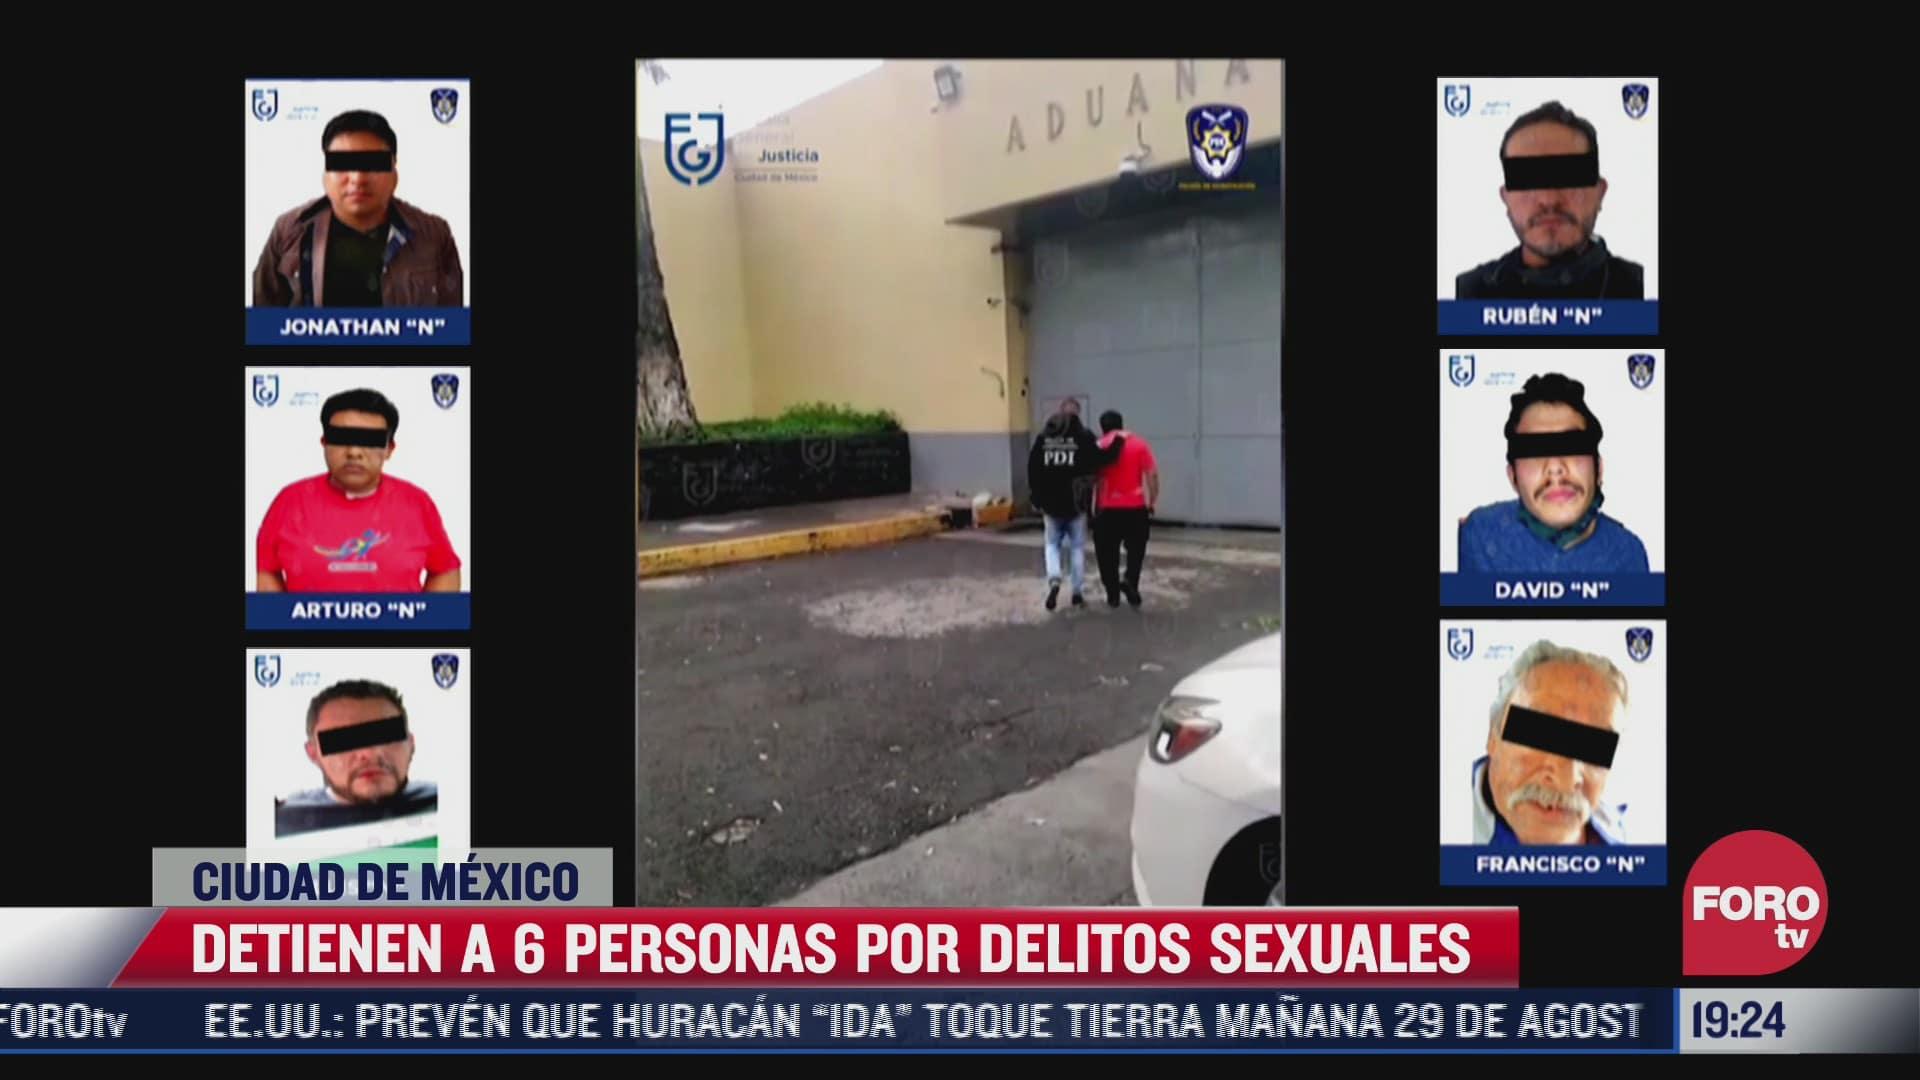 fiscalia de cdmx detiene a 6 personas por delitos sexuales